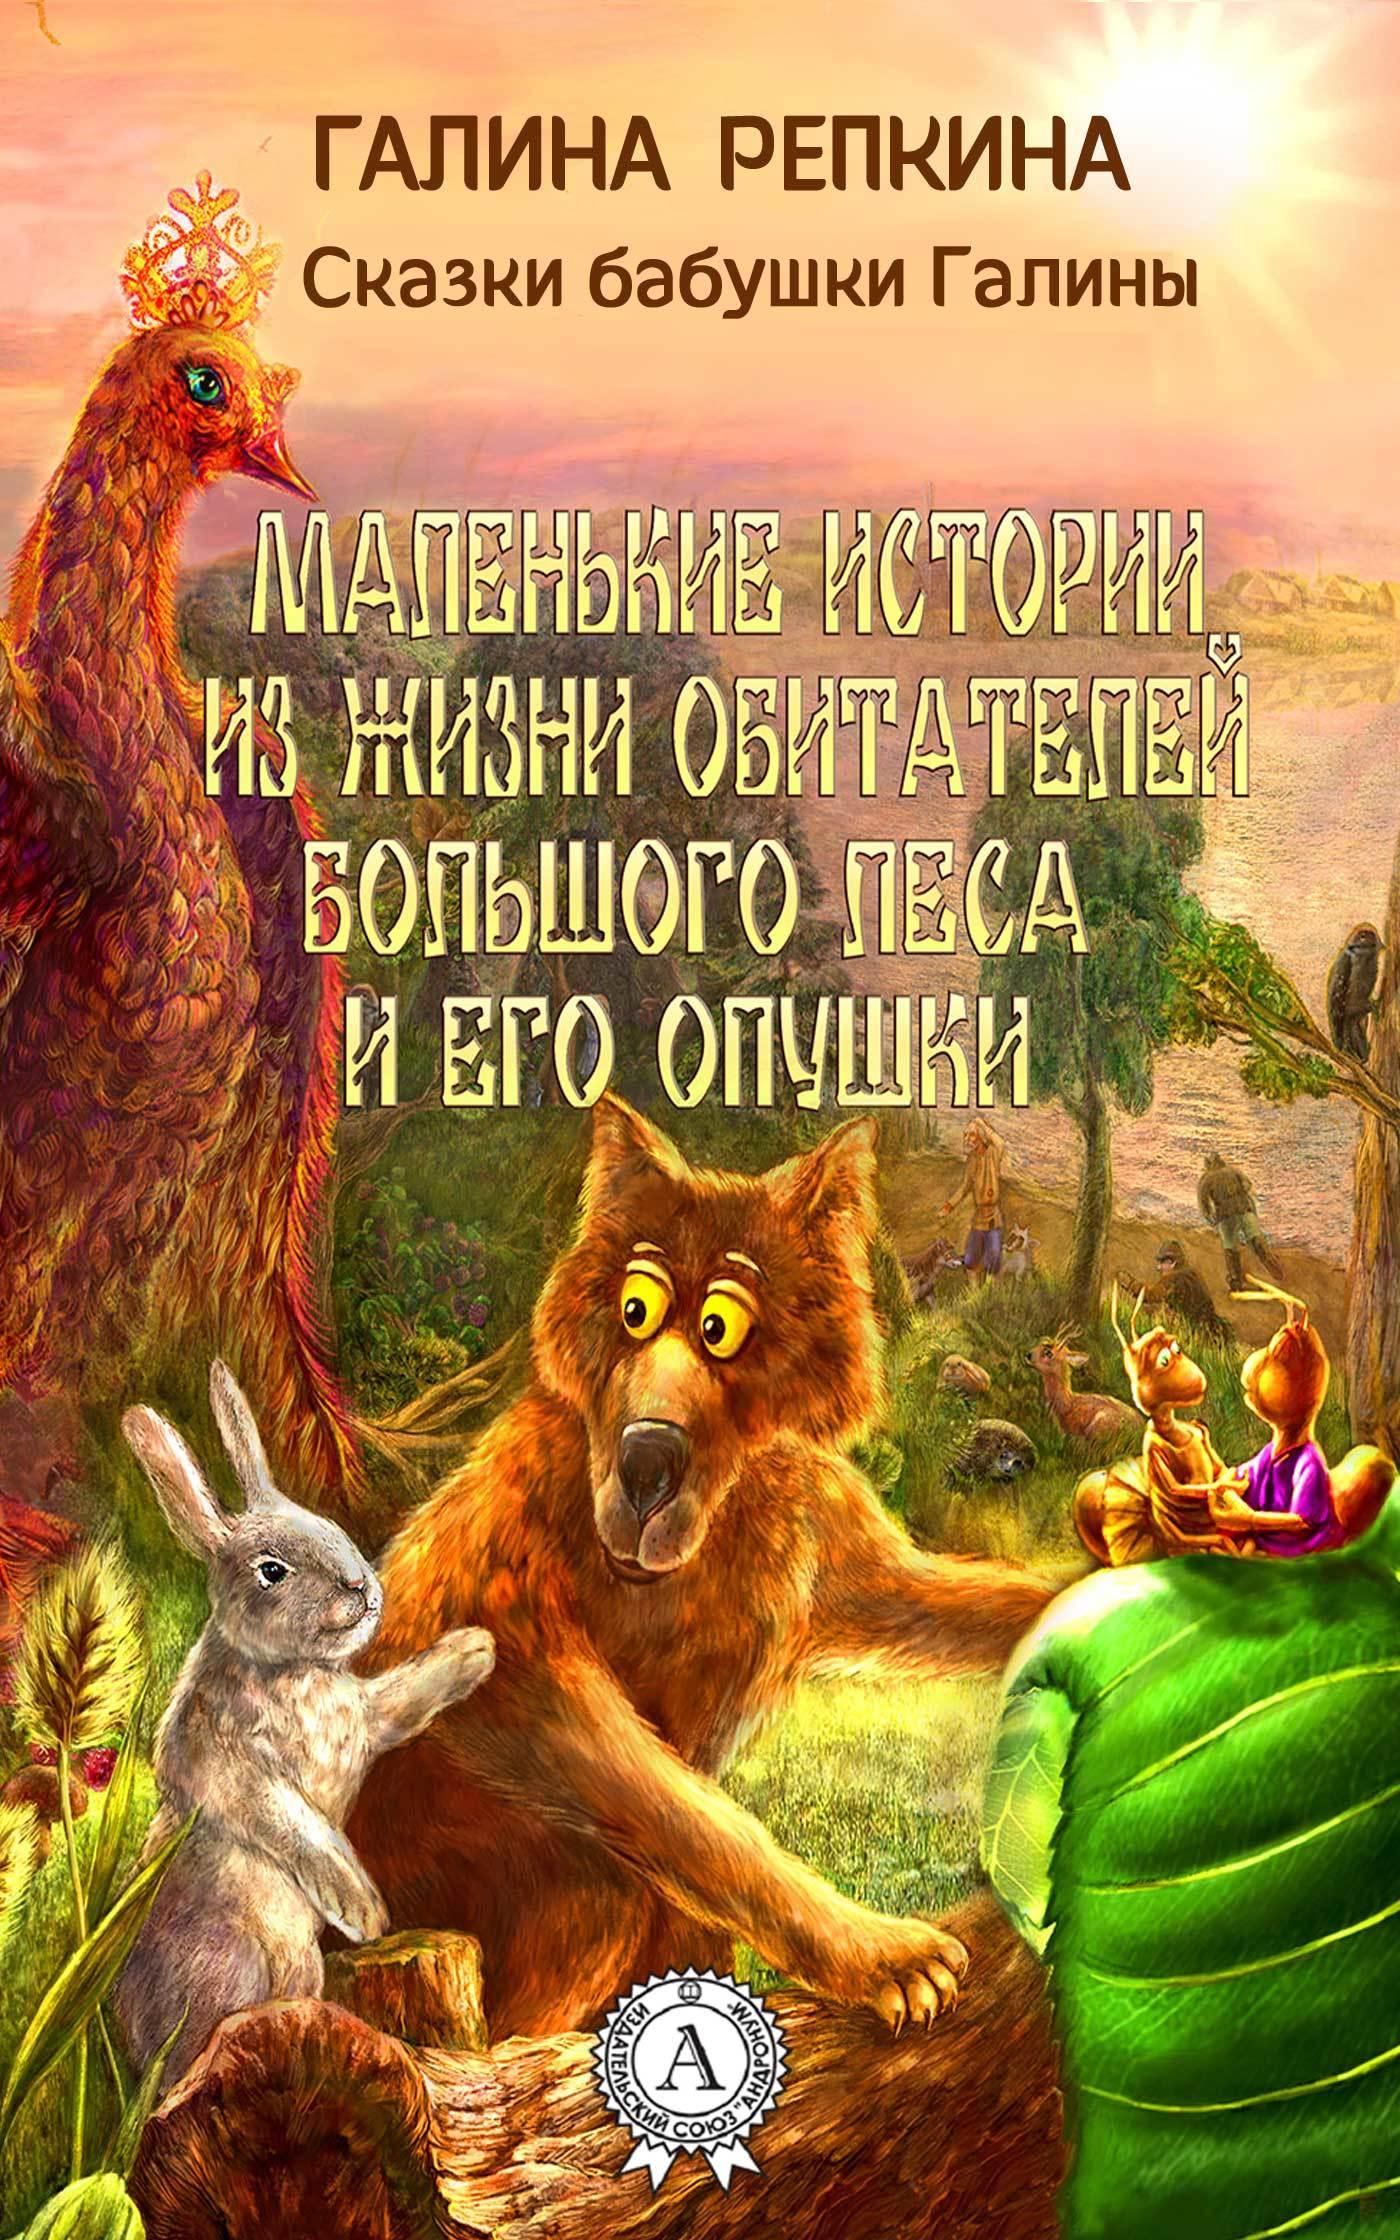 Галина Репкина - Маленькие истории из жизни обитателей Большого Леса и его Опушки